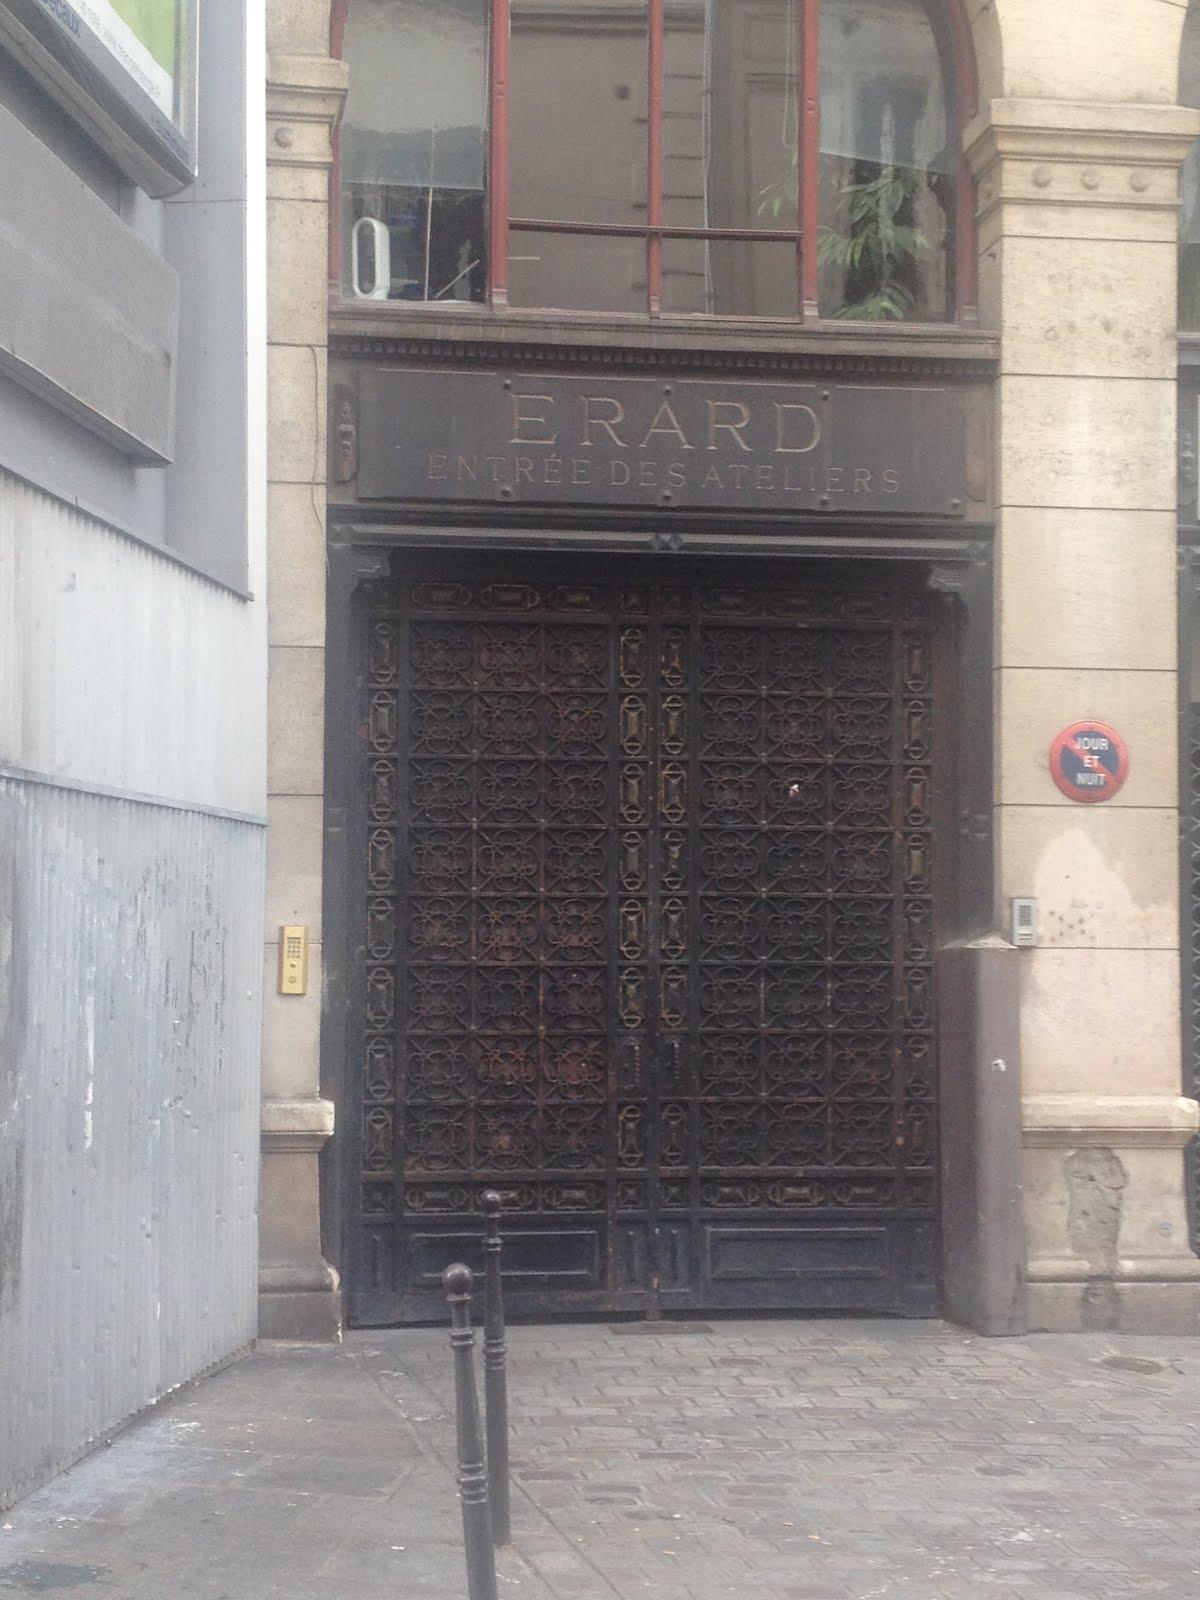 VISTA DE LA ENTRADA DE LA ANTIGUA FABRICA ERARD DE ARPAS EN PARIS, 13  RU DU MAIL